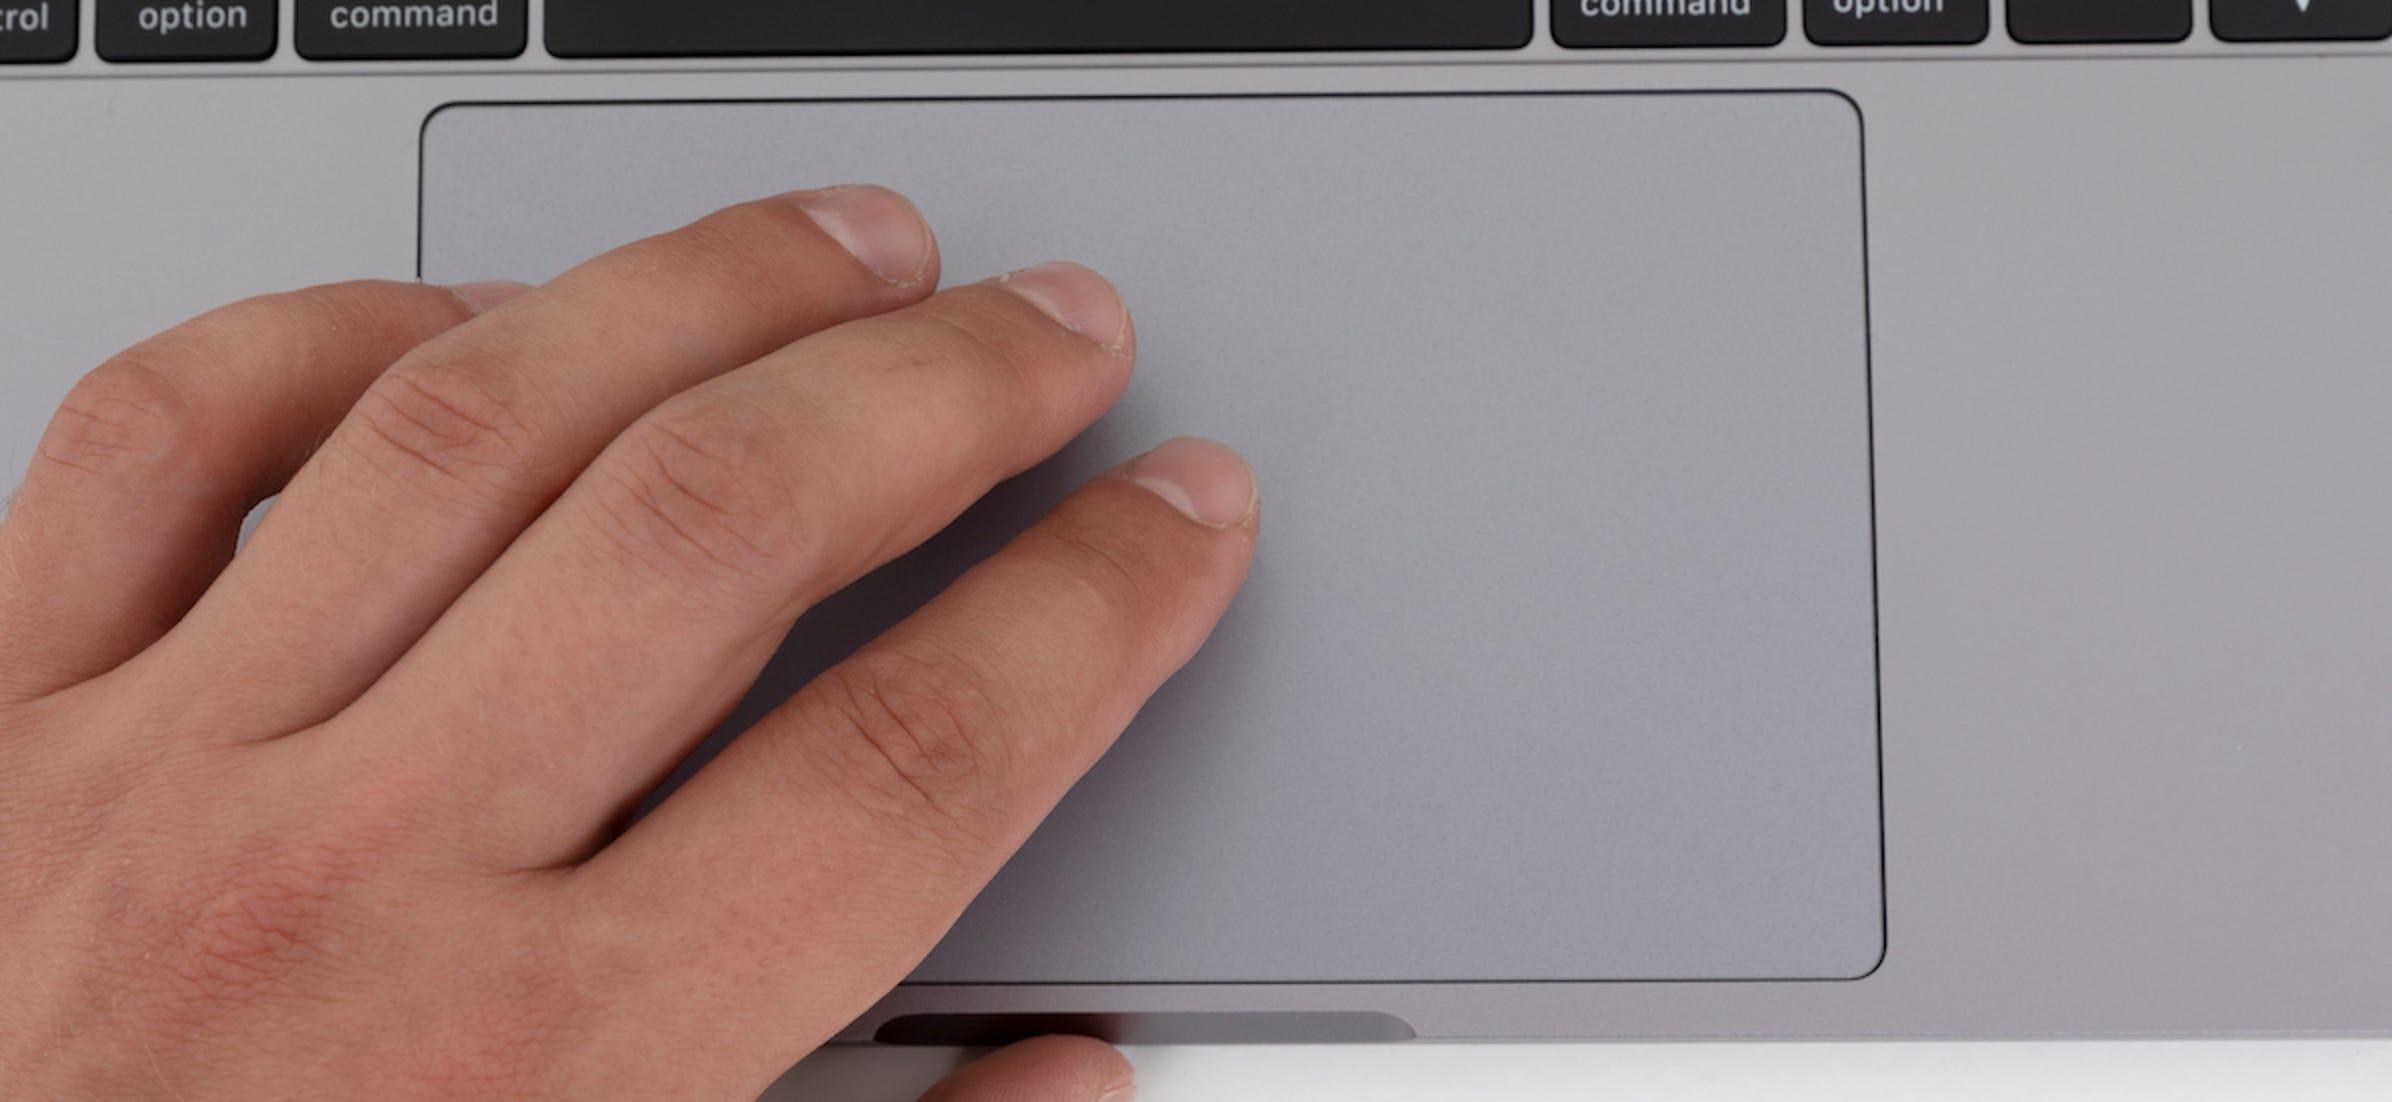 Cómo arrastrar Windows en el trackpad de tu Mac sin hacer clic